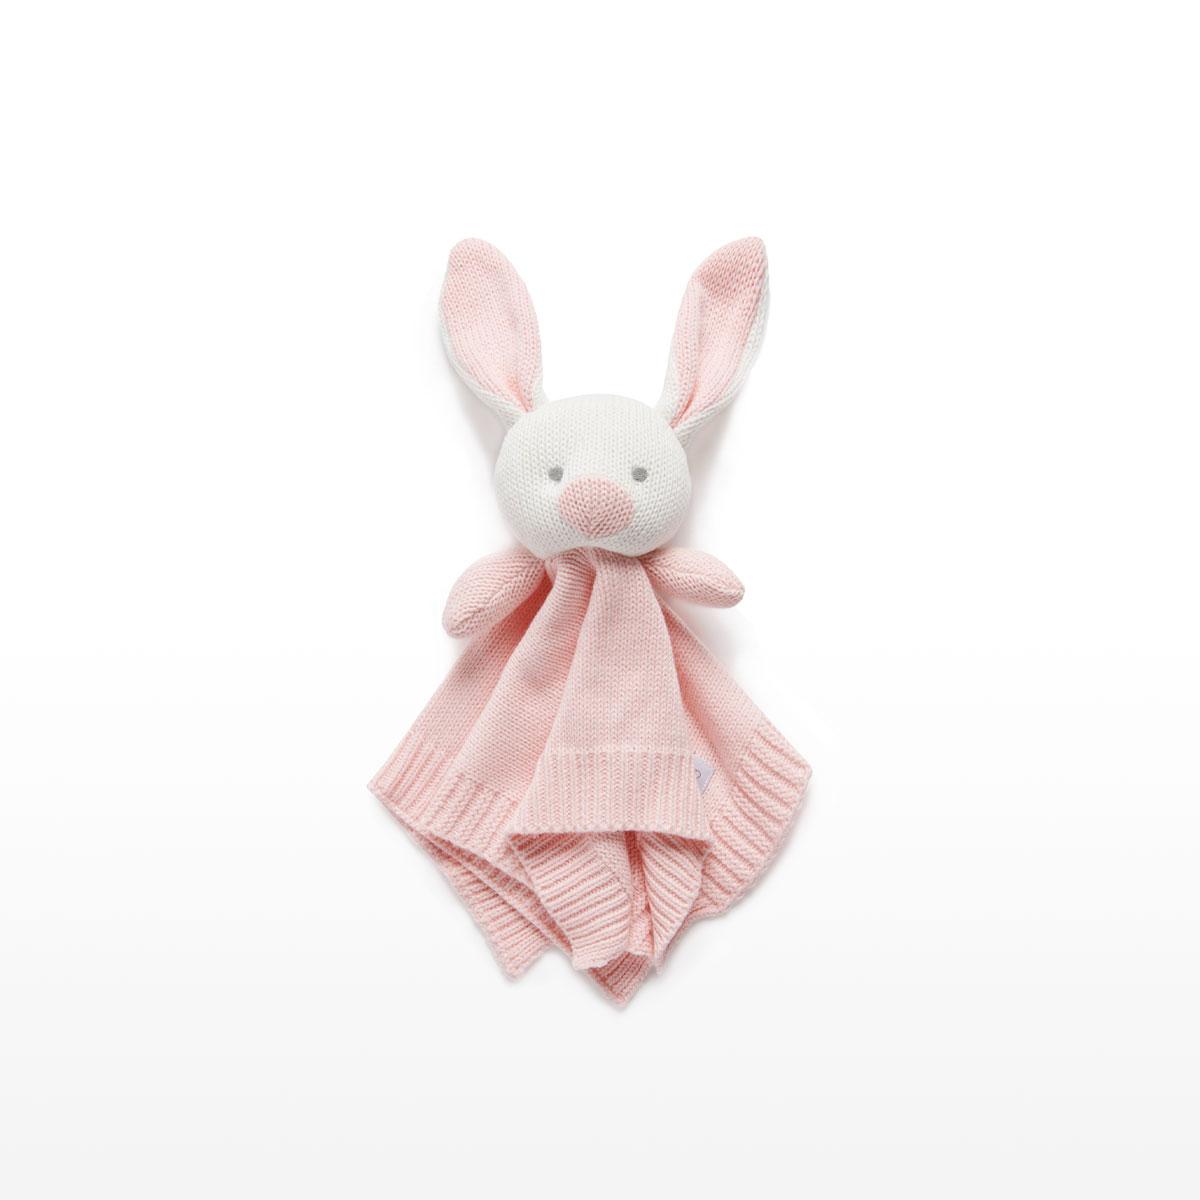 Purebaby Knitted Rabbit Comforter 35 x 35cm